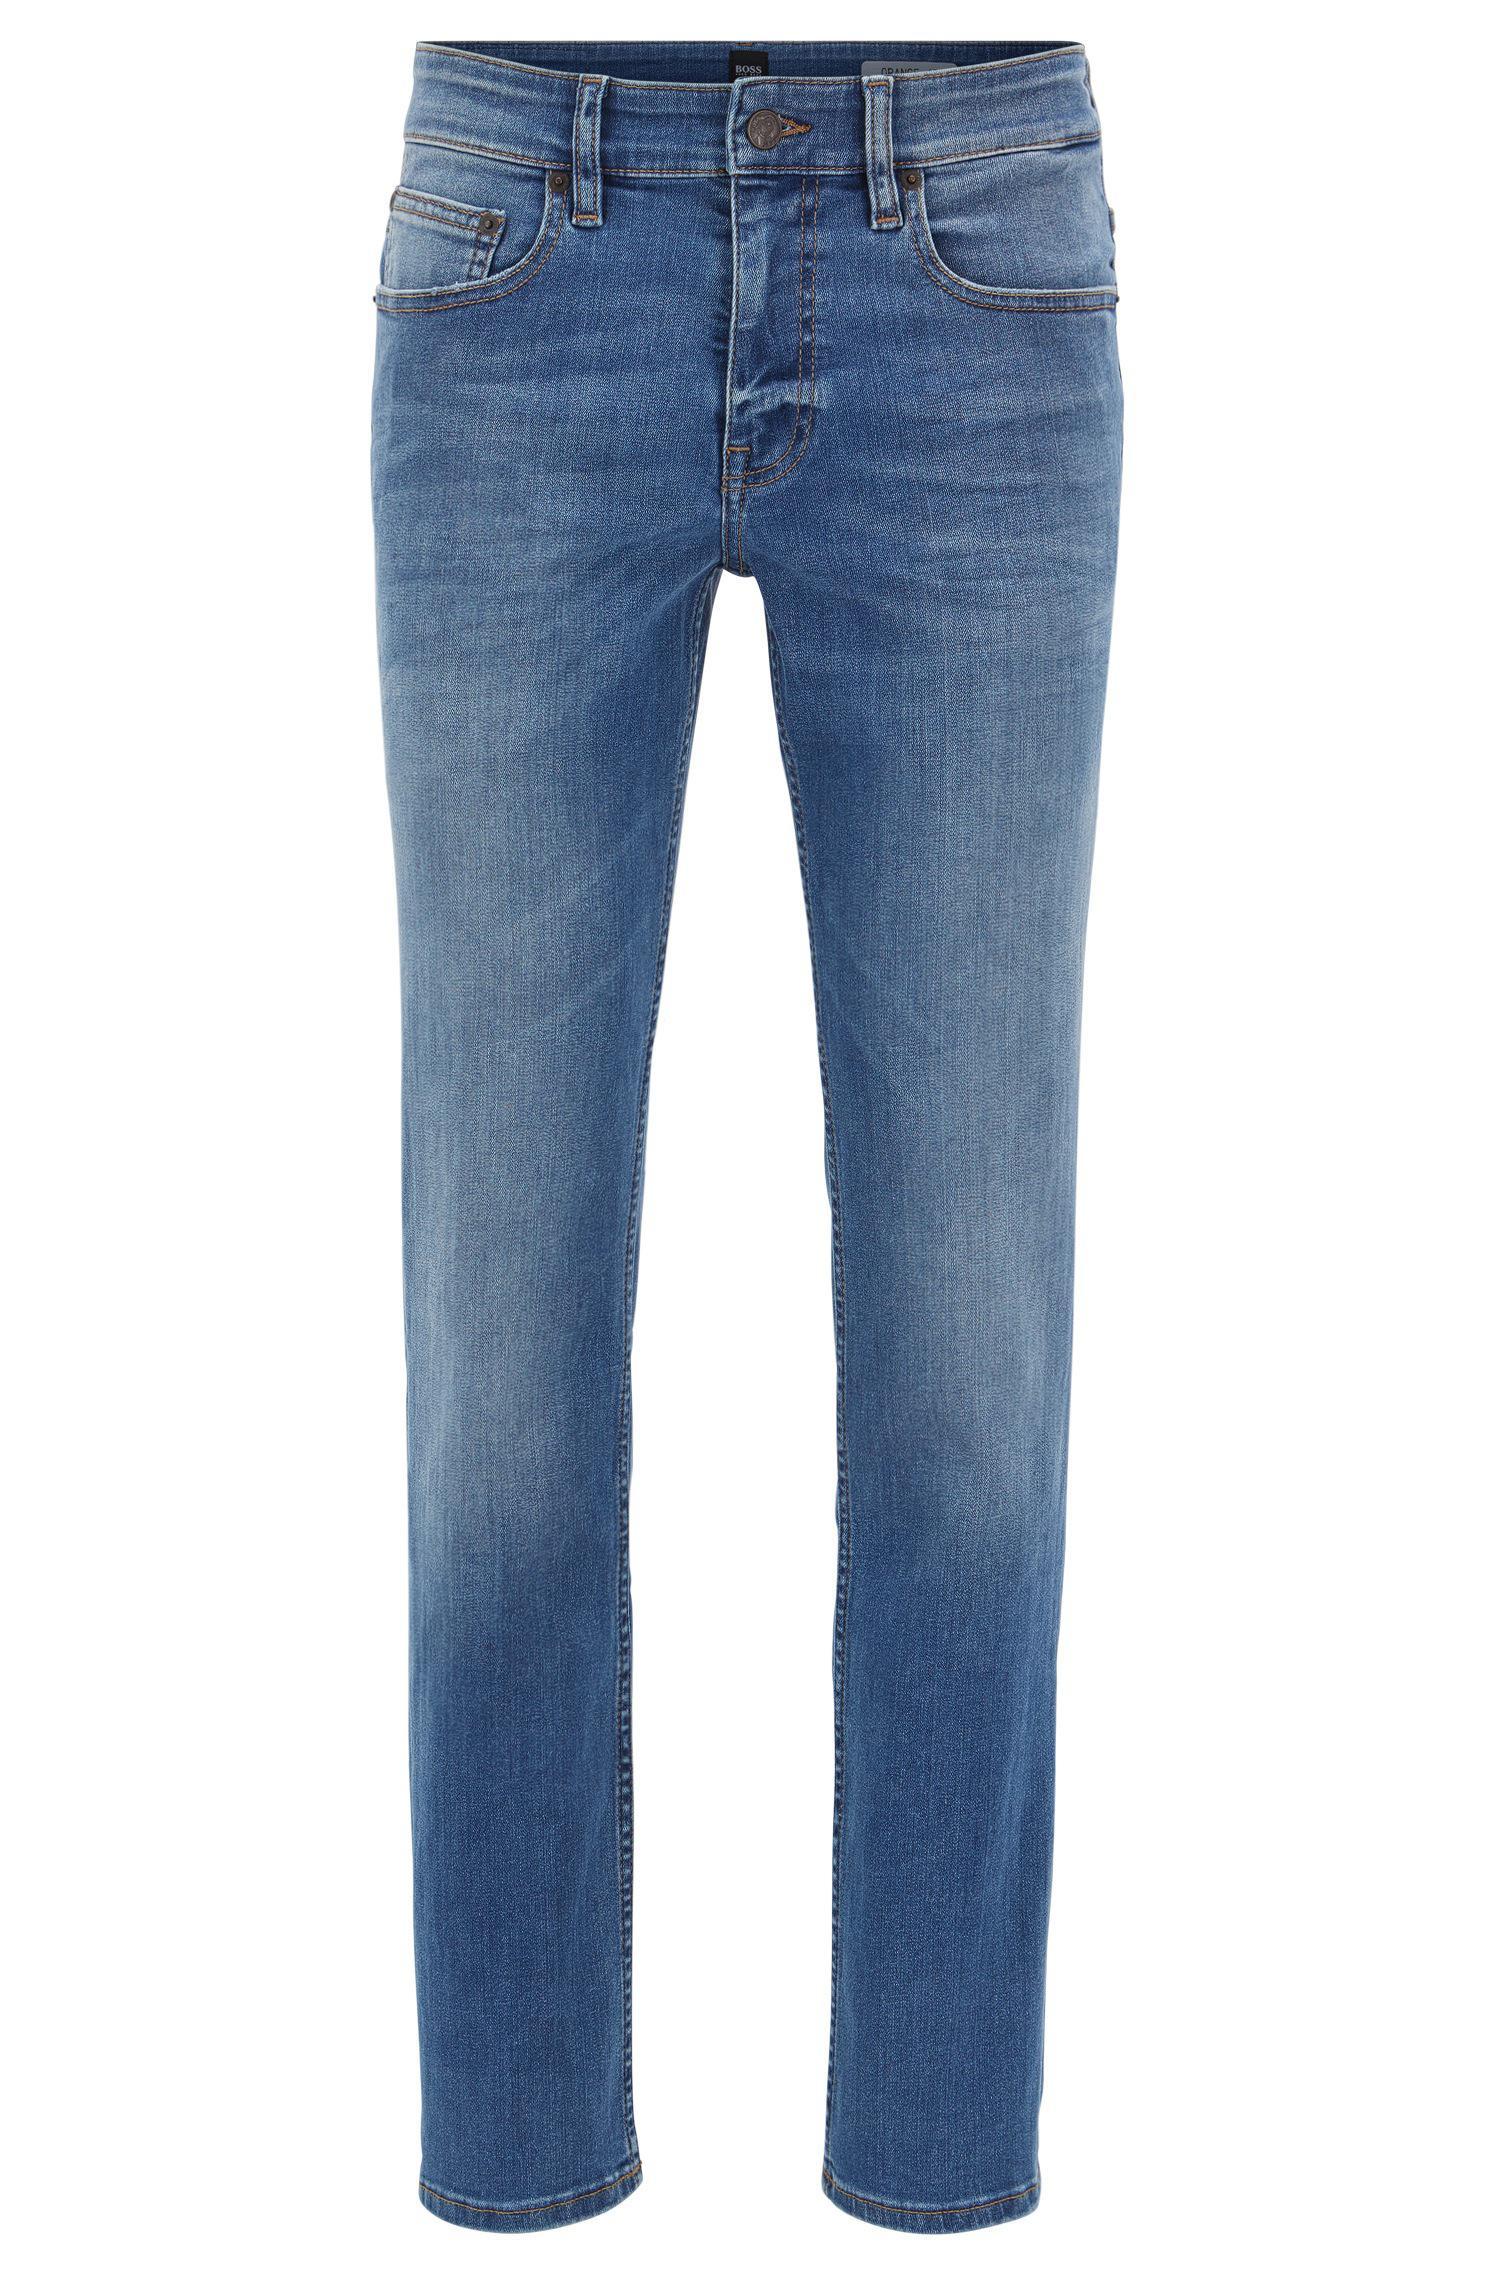 lyst boss orange slim fit jeans in super stretch mid. Black Bedroom Furniture Sets. Home Design Ideas